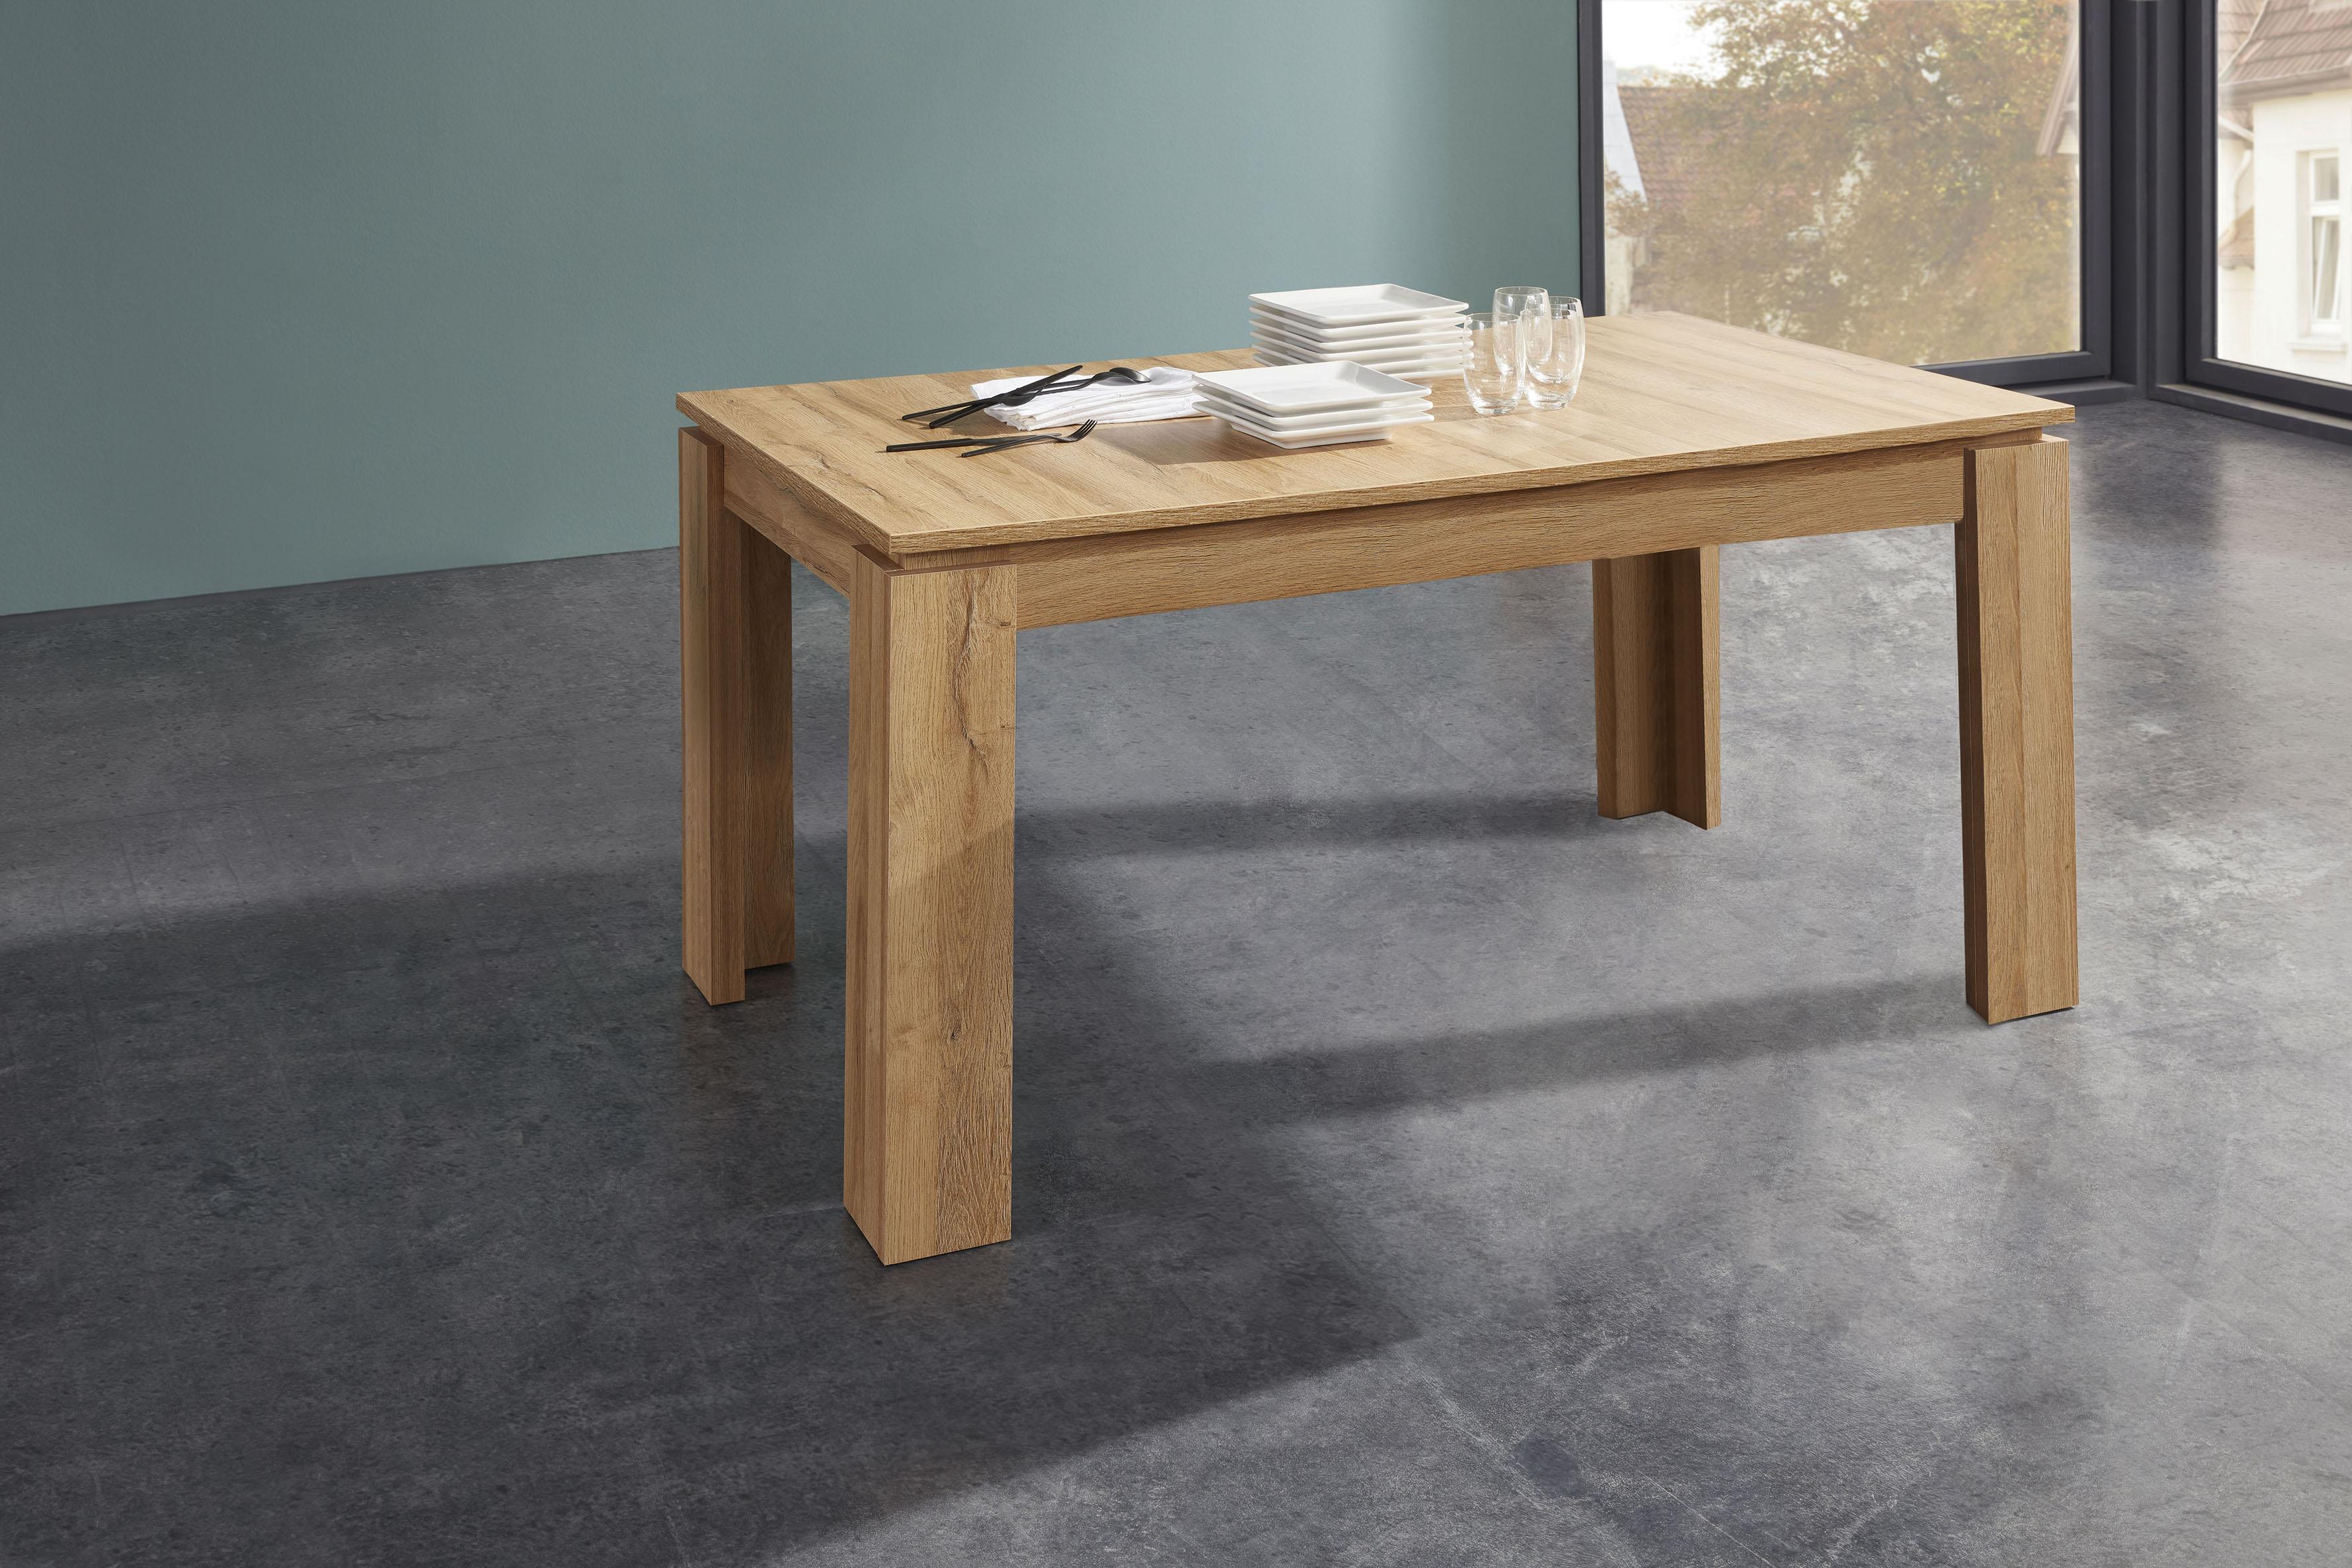 trendteam Esstisch, Länge 160-200cm beige Esstisch Ausziehbare Esstische Tische